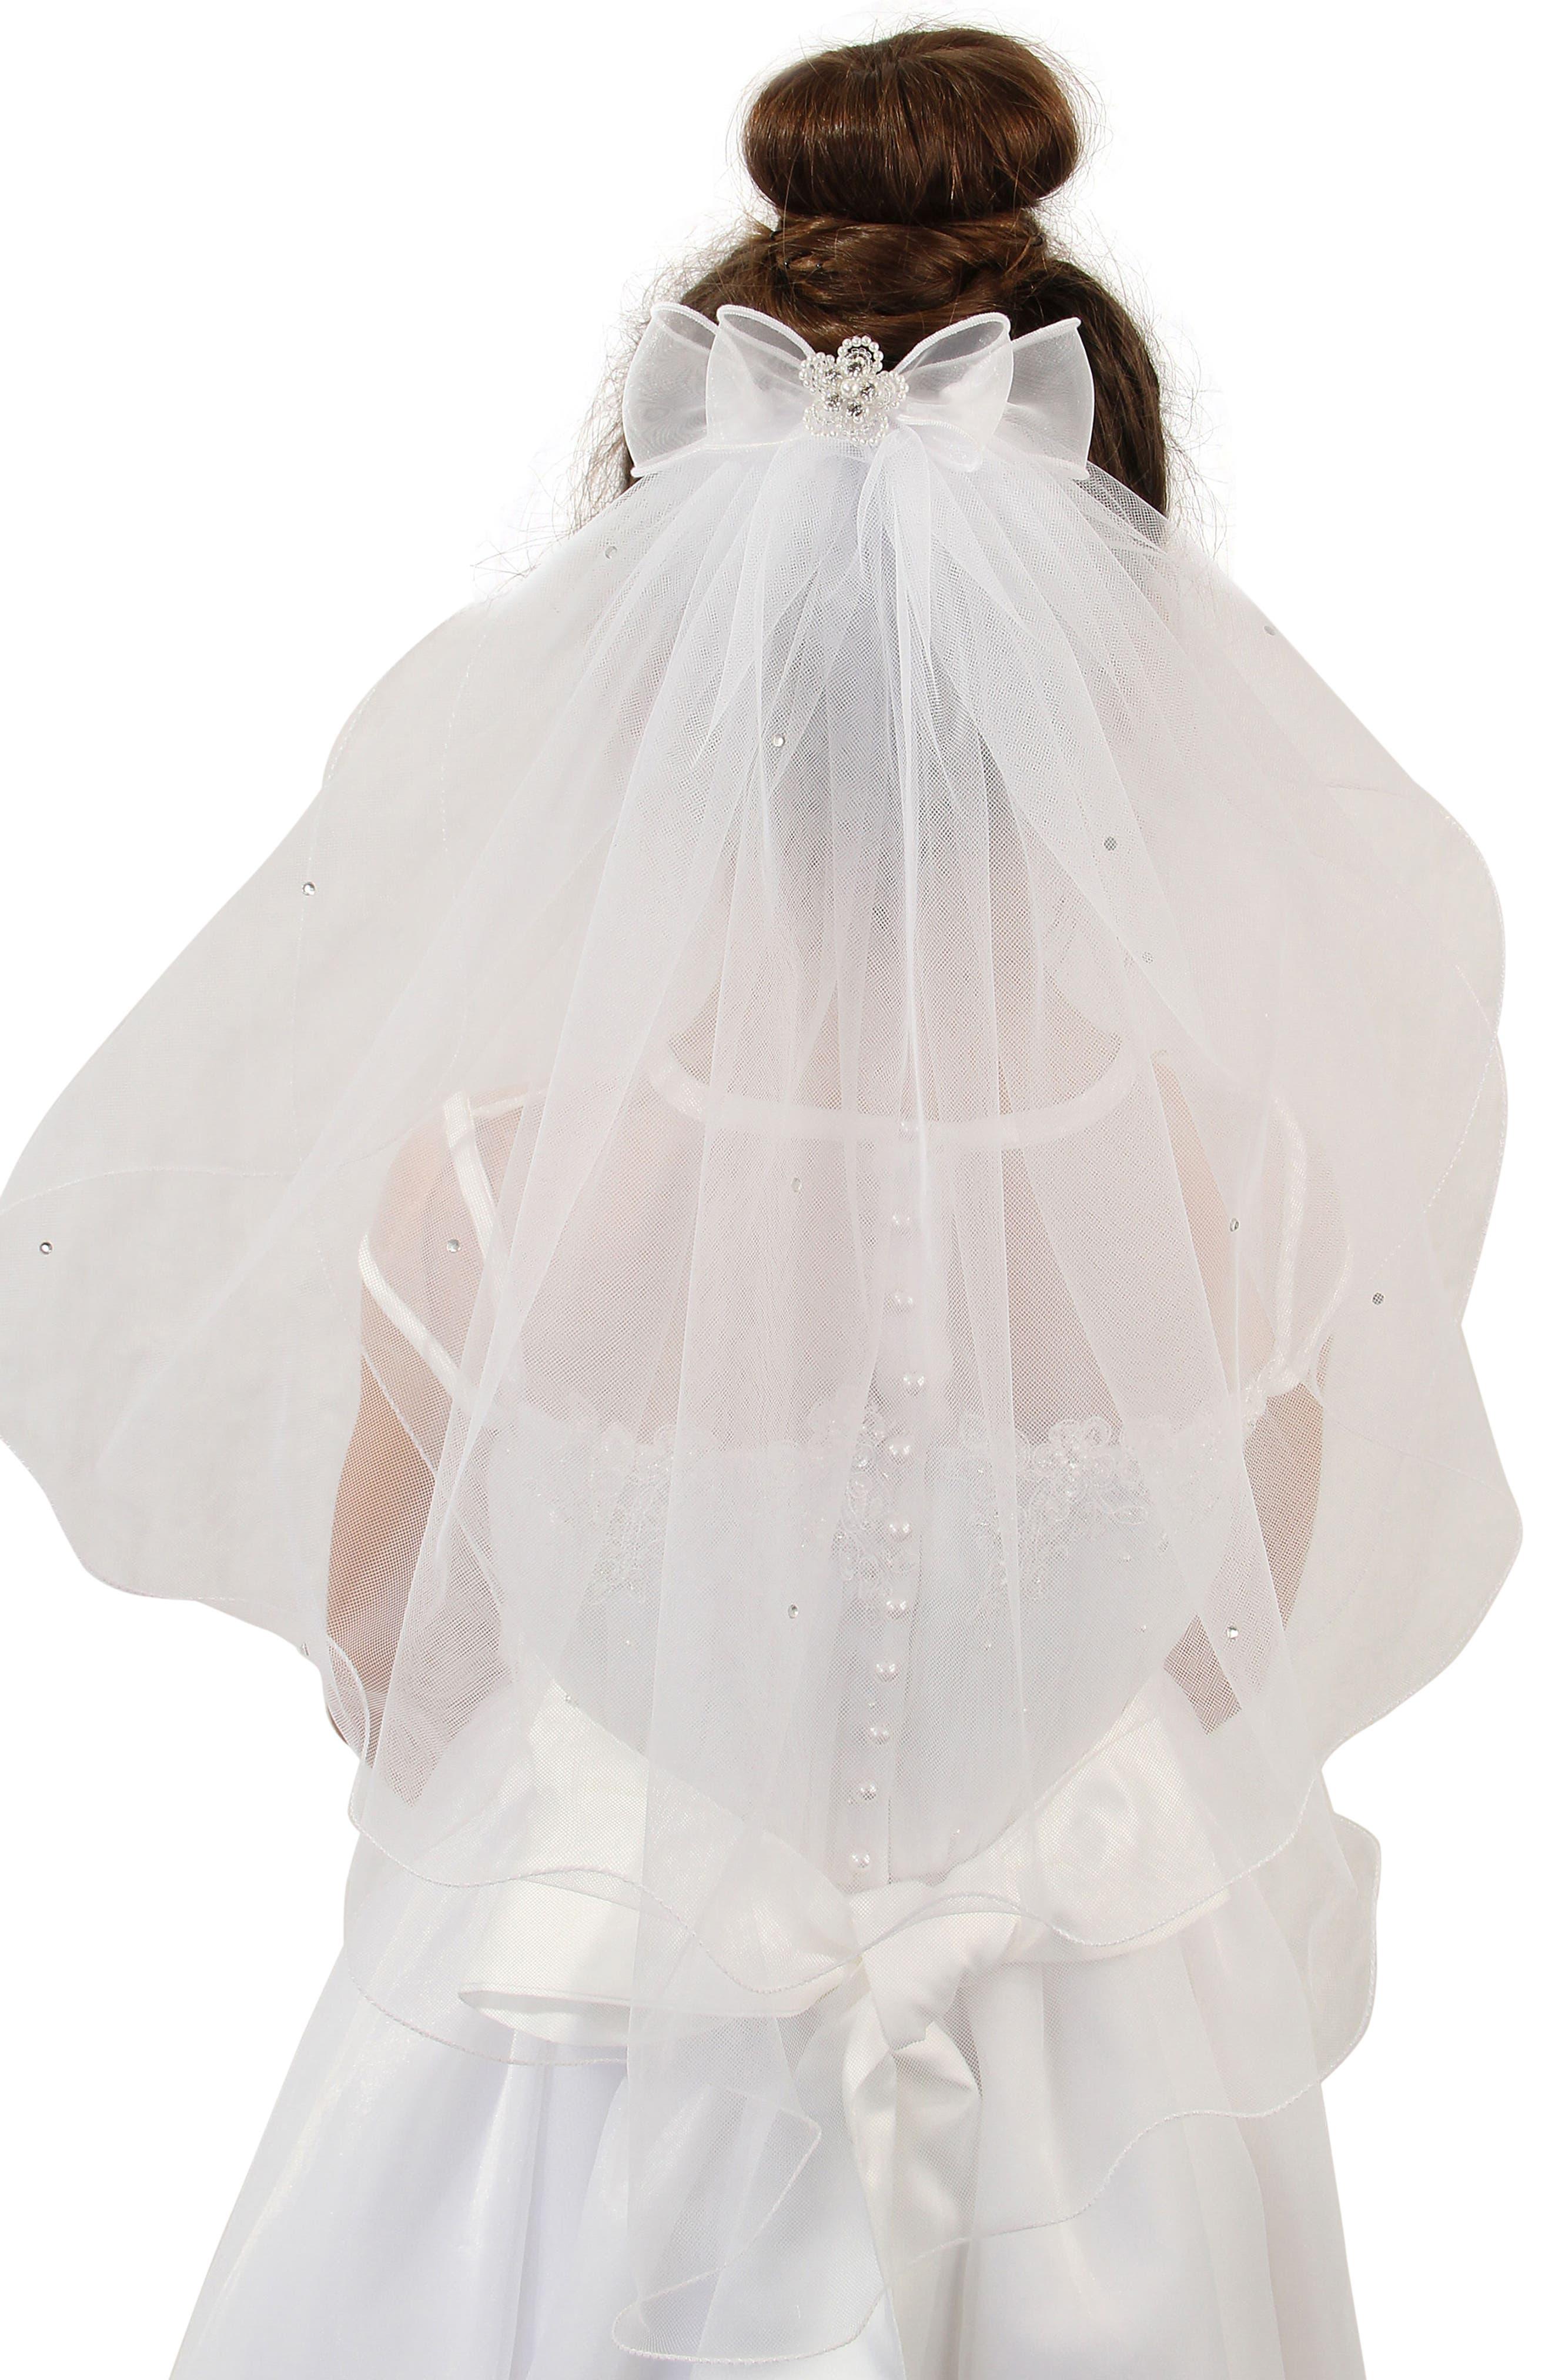 Alternate Image 3  - Lauren Marie Beaded Bow & Veil (Big Girls)